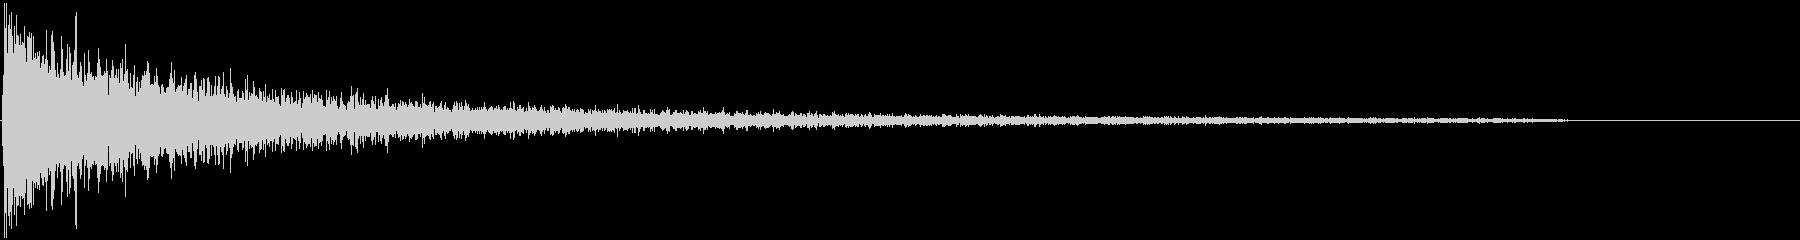 ガーン(ピアノ)の未再生の波形